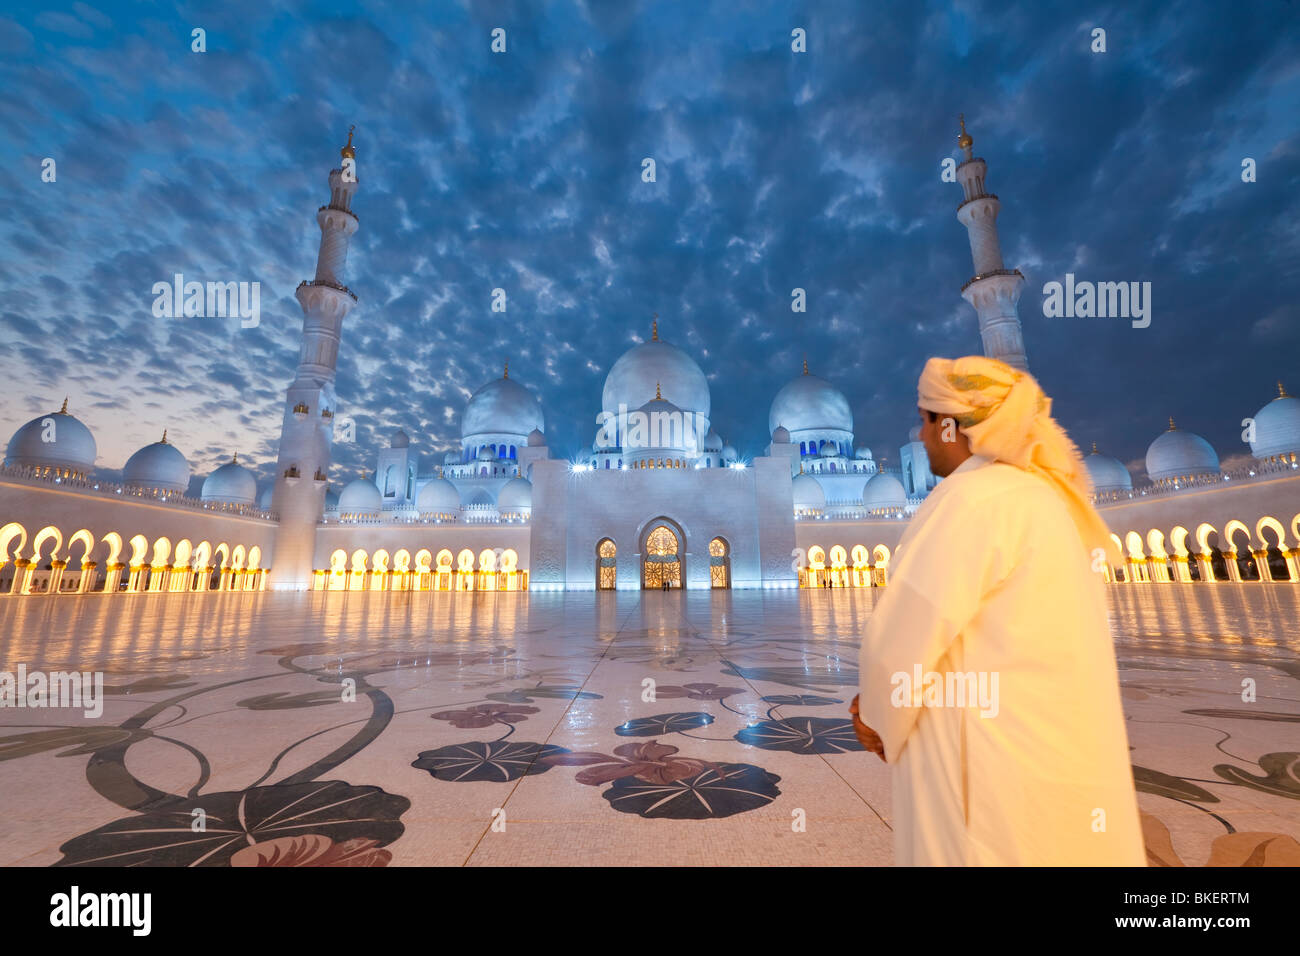 Sheikh Zayed Bin Sultan Al Nahyan Mosque, Abu Dhabi, United Arab Emirates, UAE - M.R Stock Photo